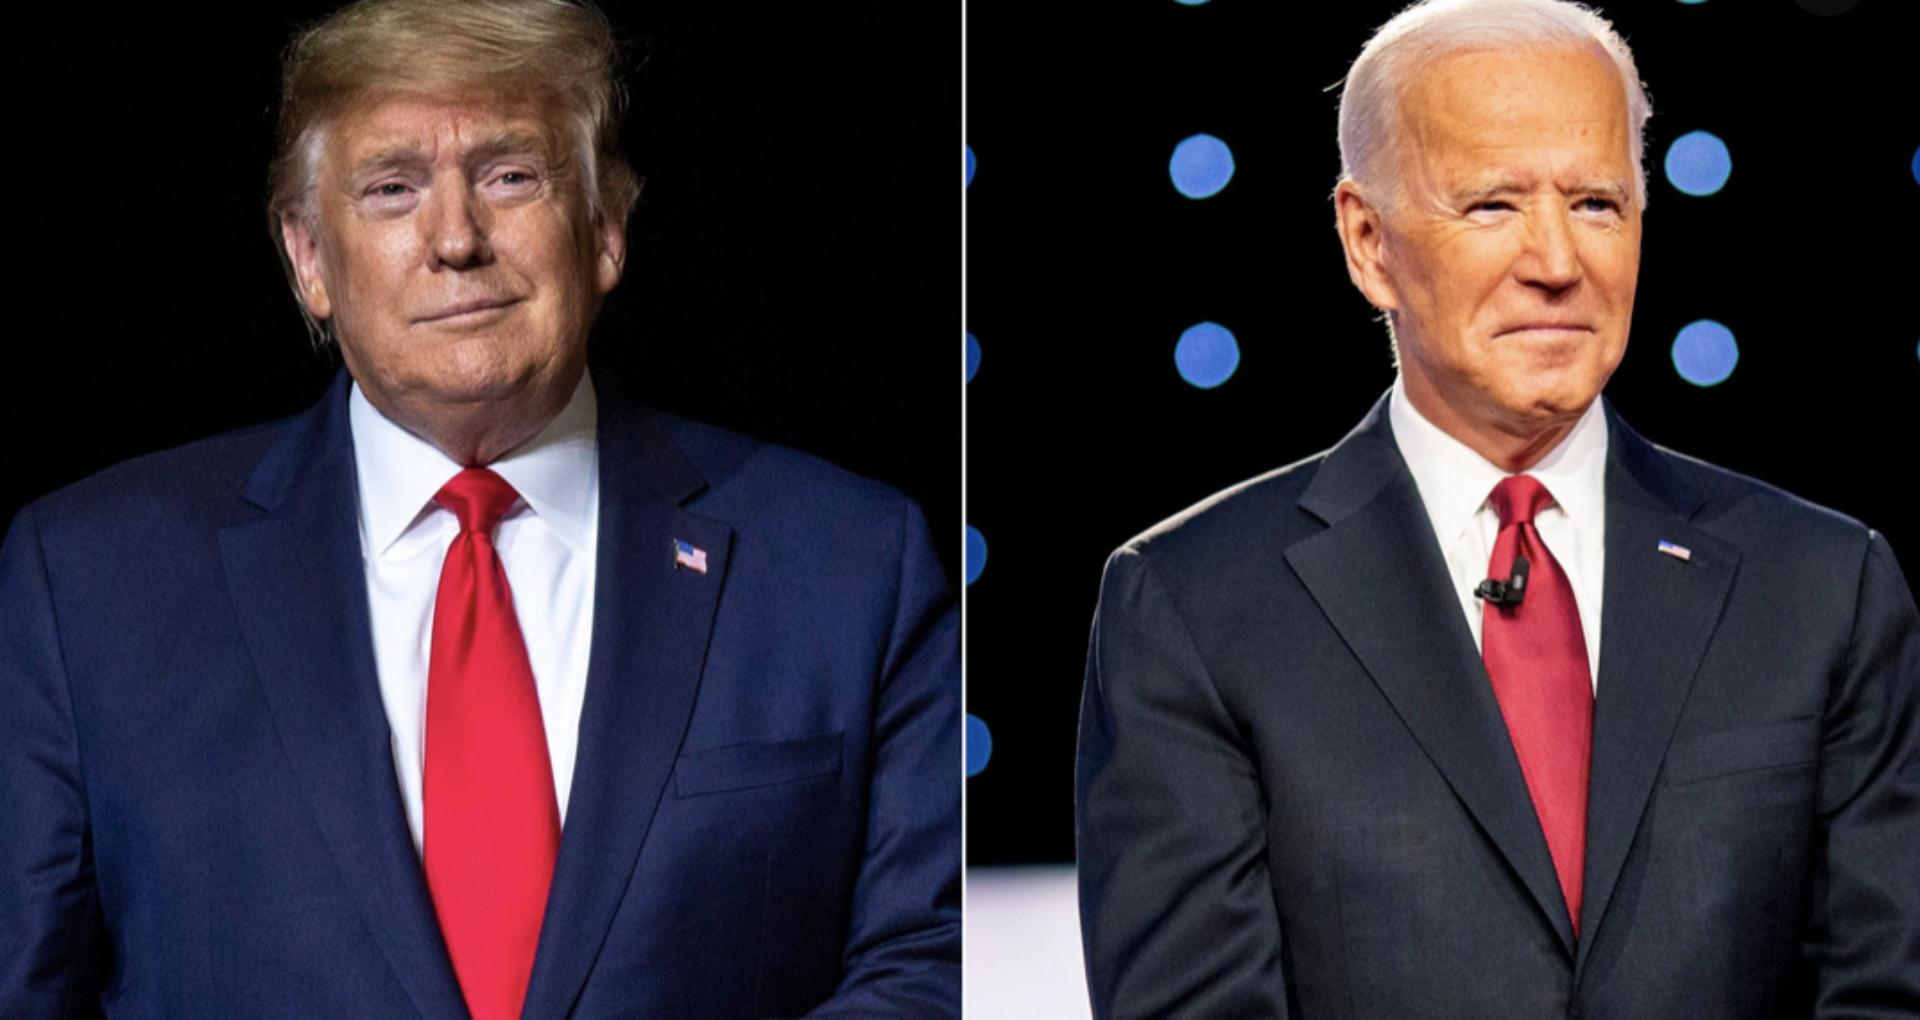 """VIDEO/ Prima dezbatere prezidențială Biden-Trump, marcată de insulte și întreruperi. Trump: """"Nu e nimic deștept la tine, Joe! Biden: """"Nu poți să scoți un cuvânt coerent de la clovnul ăsta!"""""""